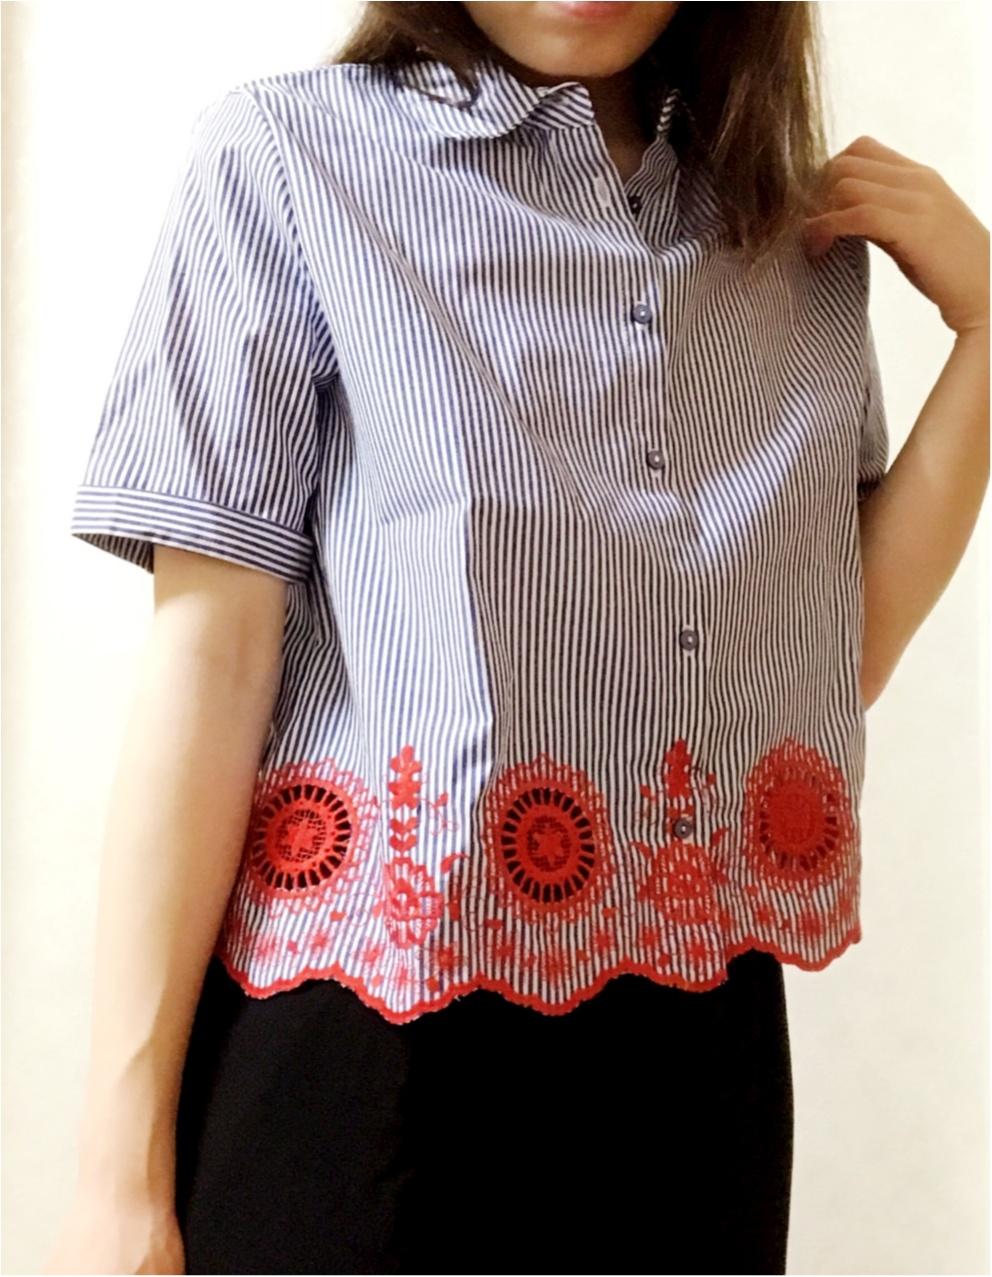 """刺繍 × ストライプにひとめぼれ♡【ZARA】で出会った""""自由になれるシャツ""""_3"""